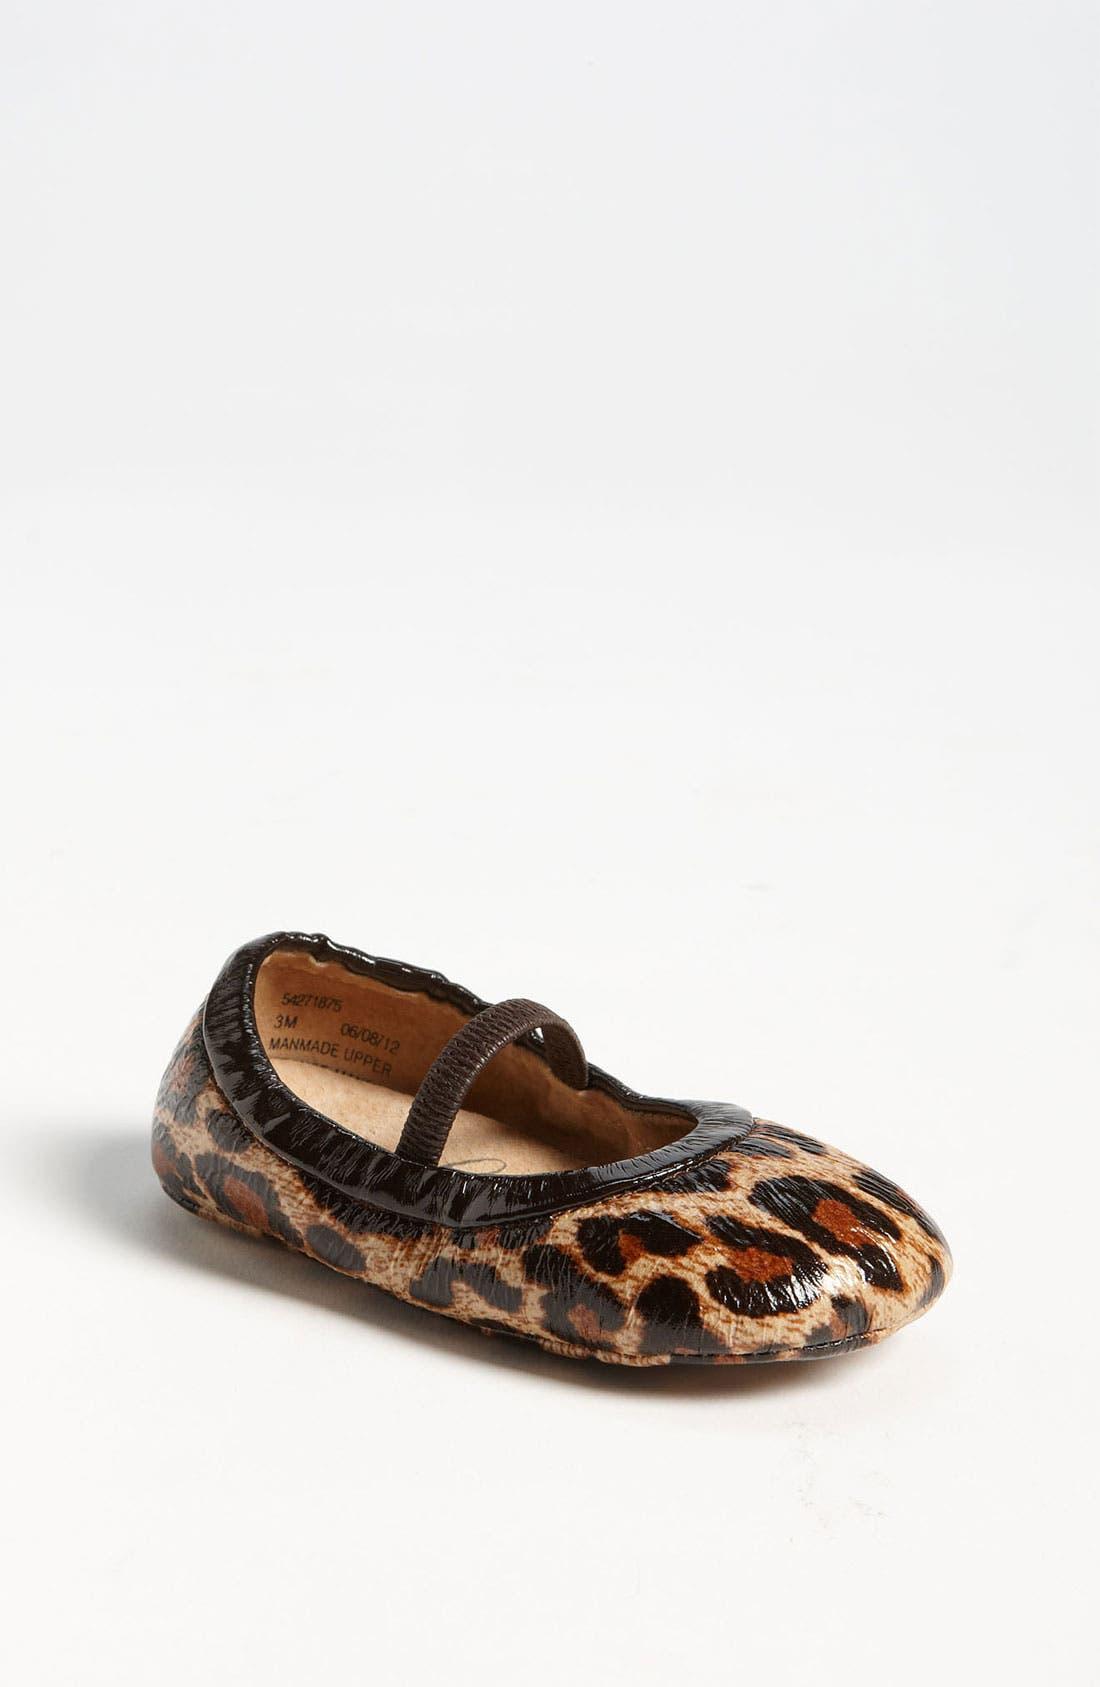 Alternate Image 1 Selected - Peek 'Prose' Crib Shoe (Baby)